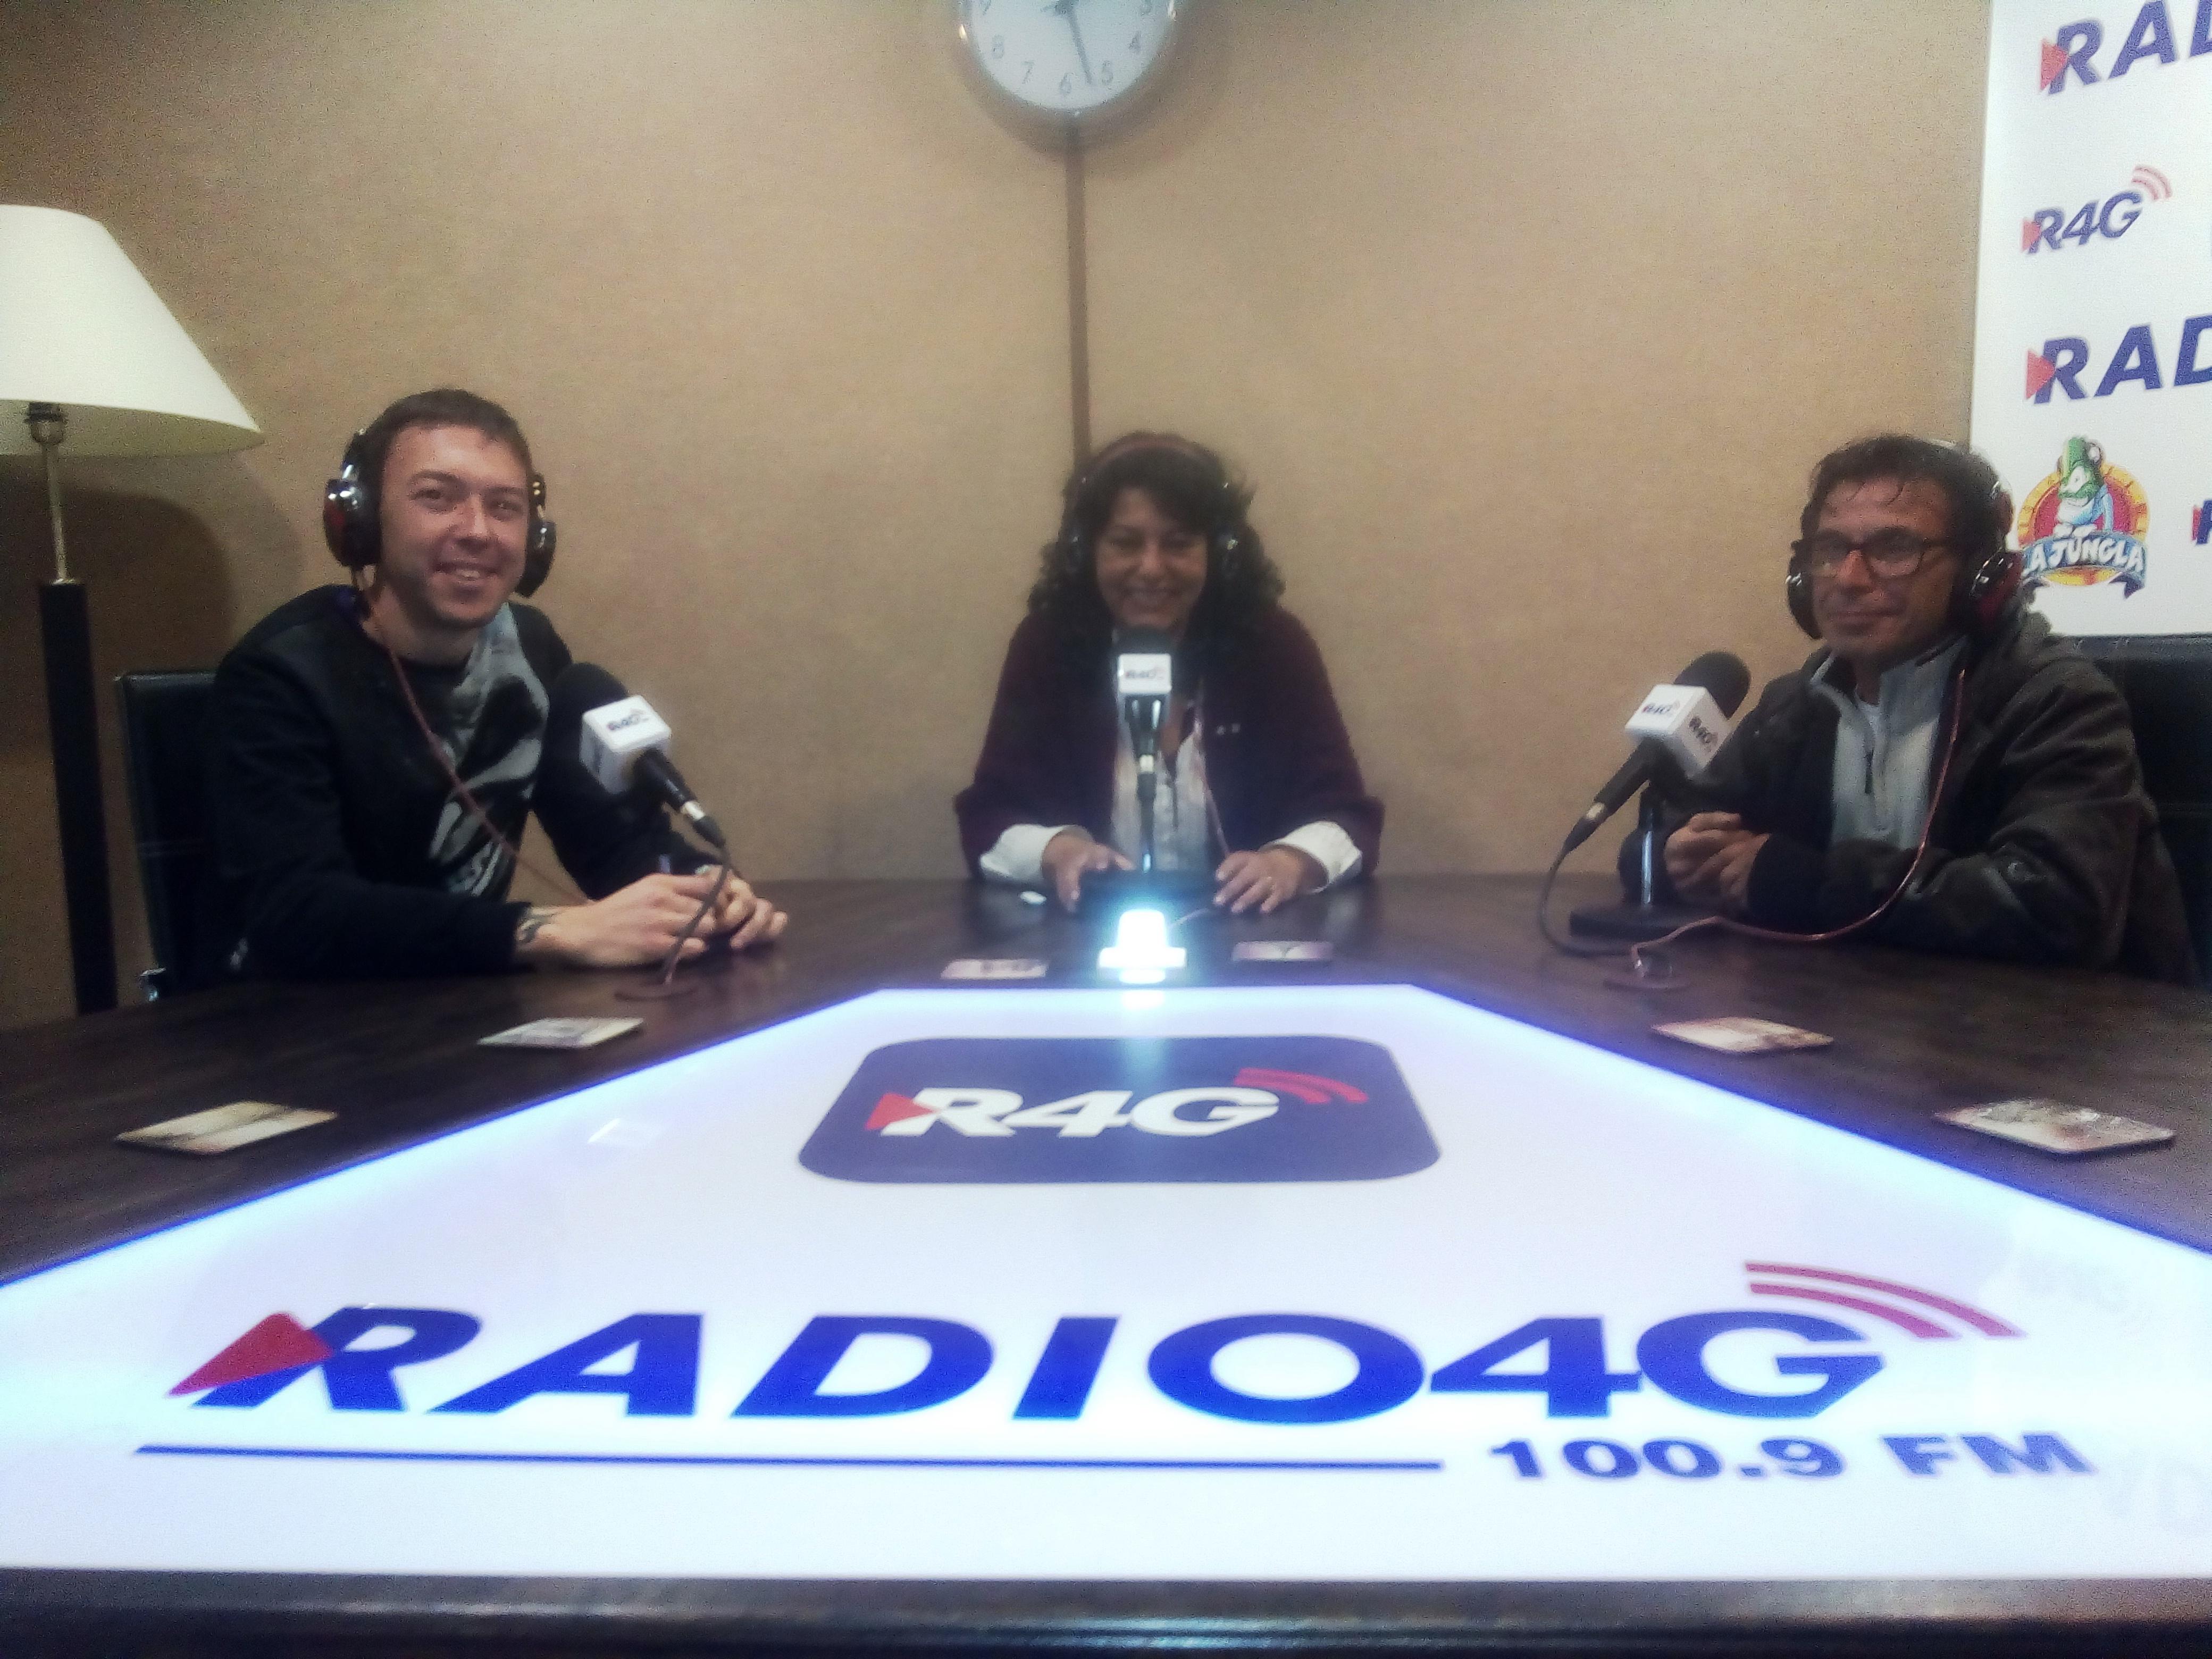 La Puerta Secreta  Radio4g Valencia